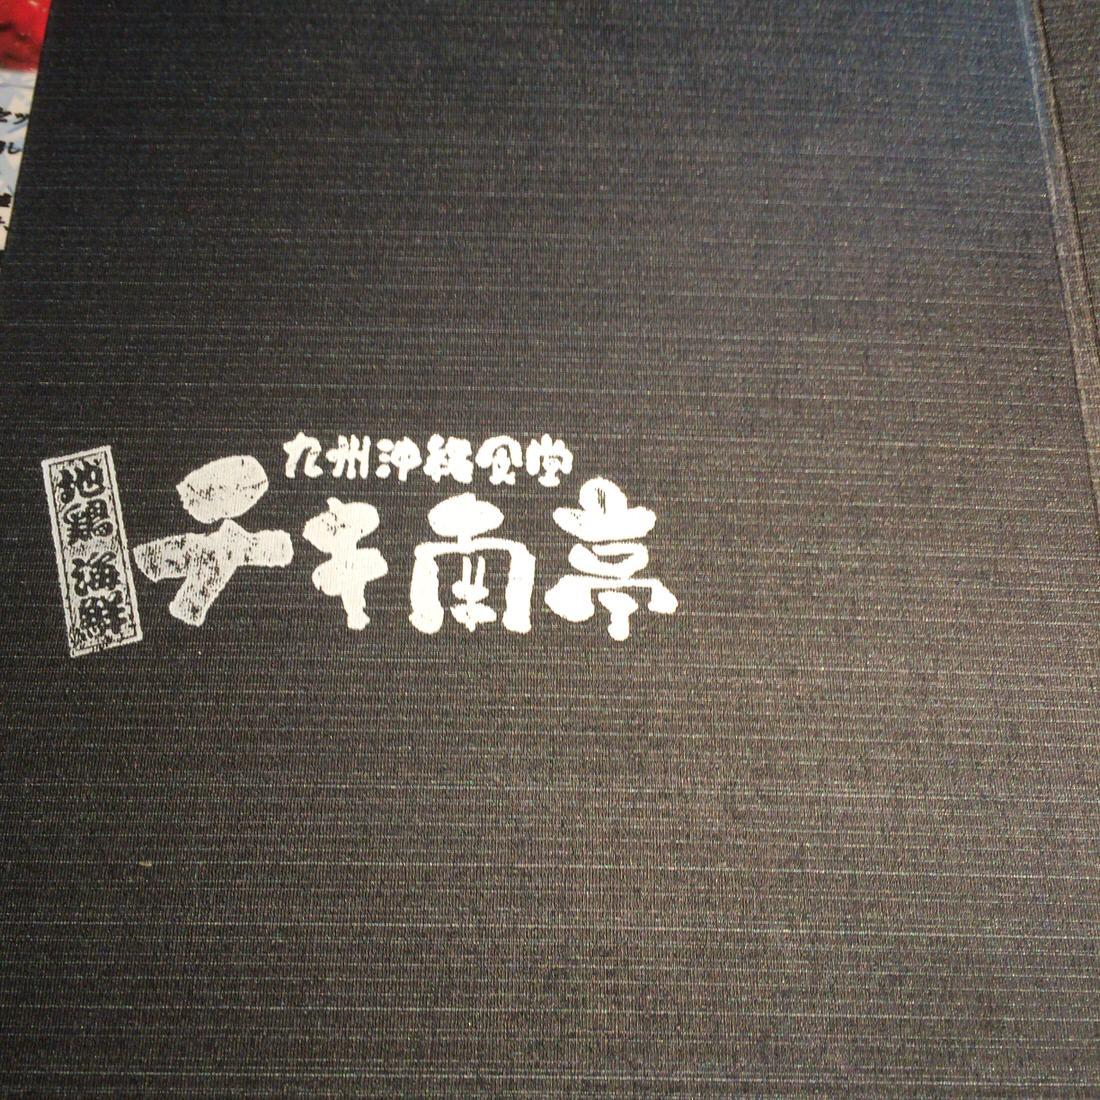 イオンモール名古屋茶屋にあるチキ南亭でチキン南蛮定食を堪能!